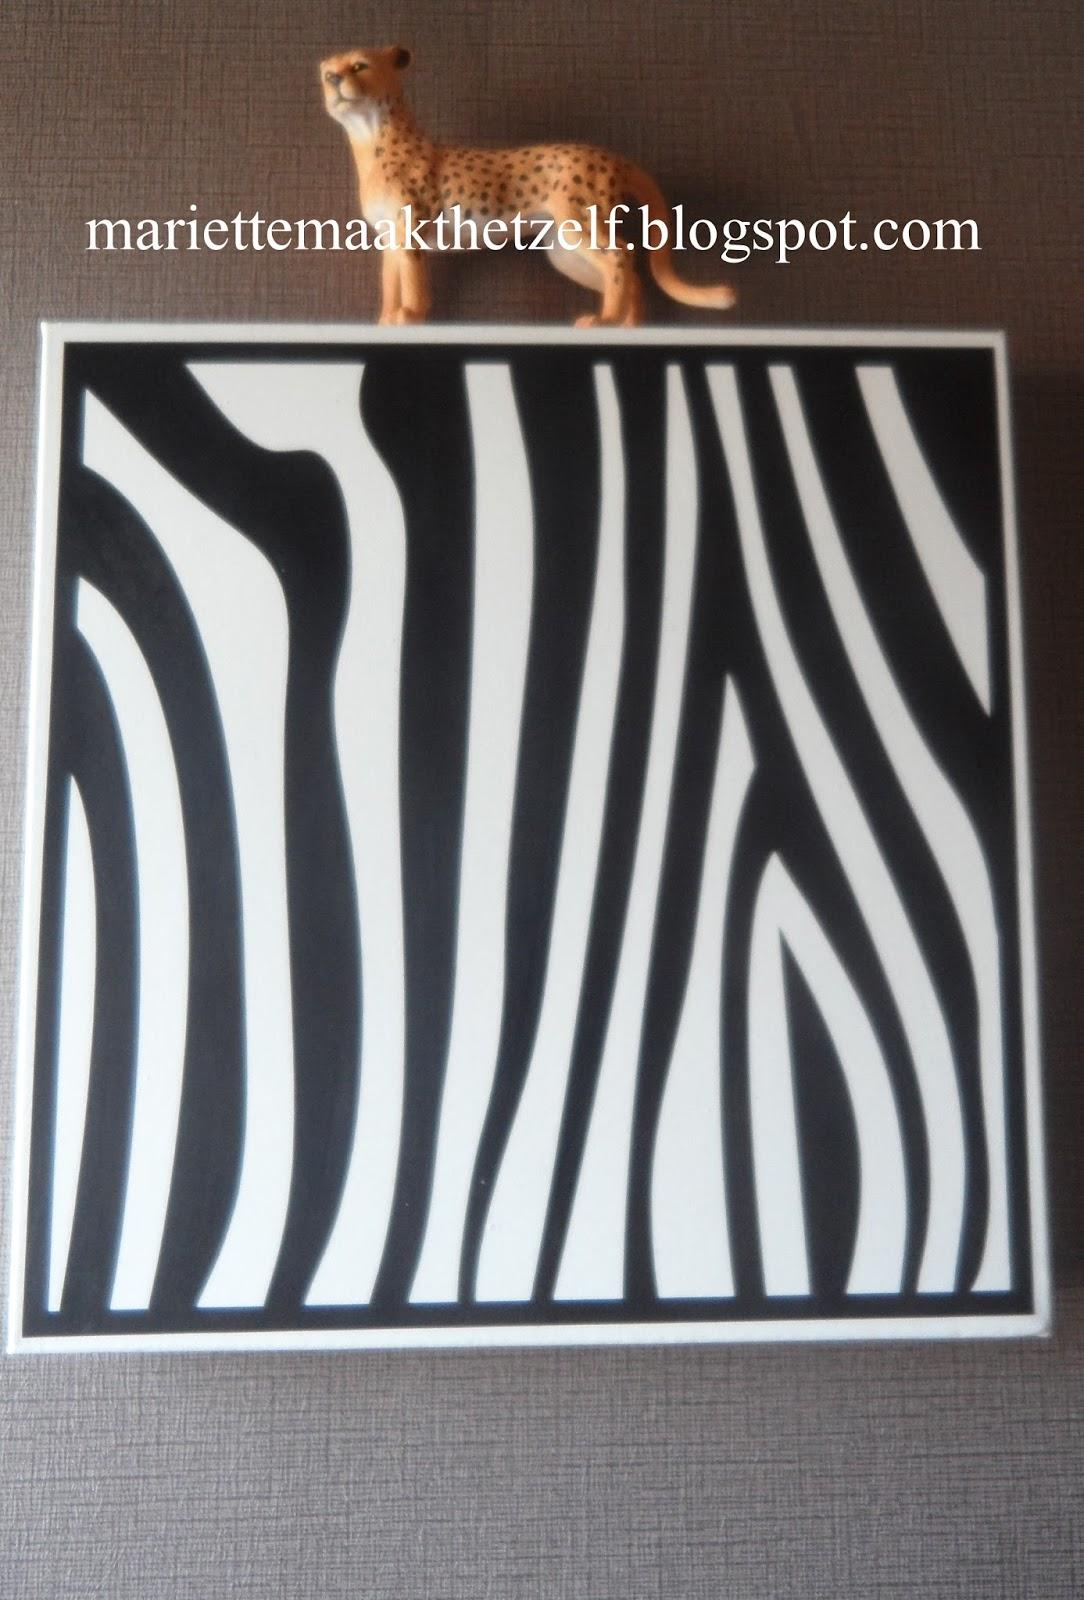 Mariette maakt het zelf deco voor de safari kamer - Deco voor een kamer ...